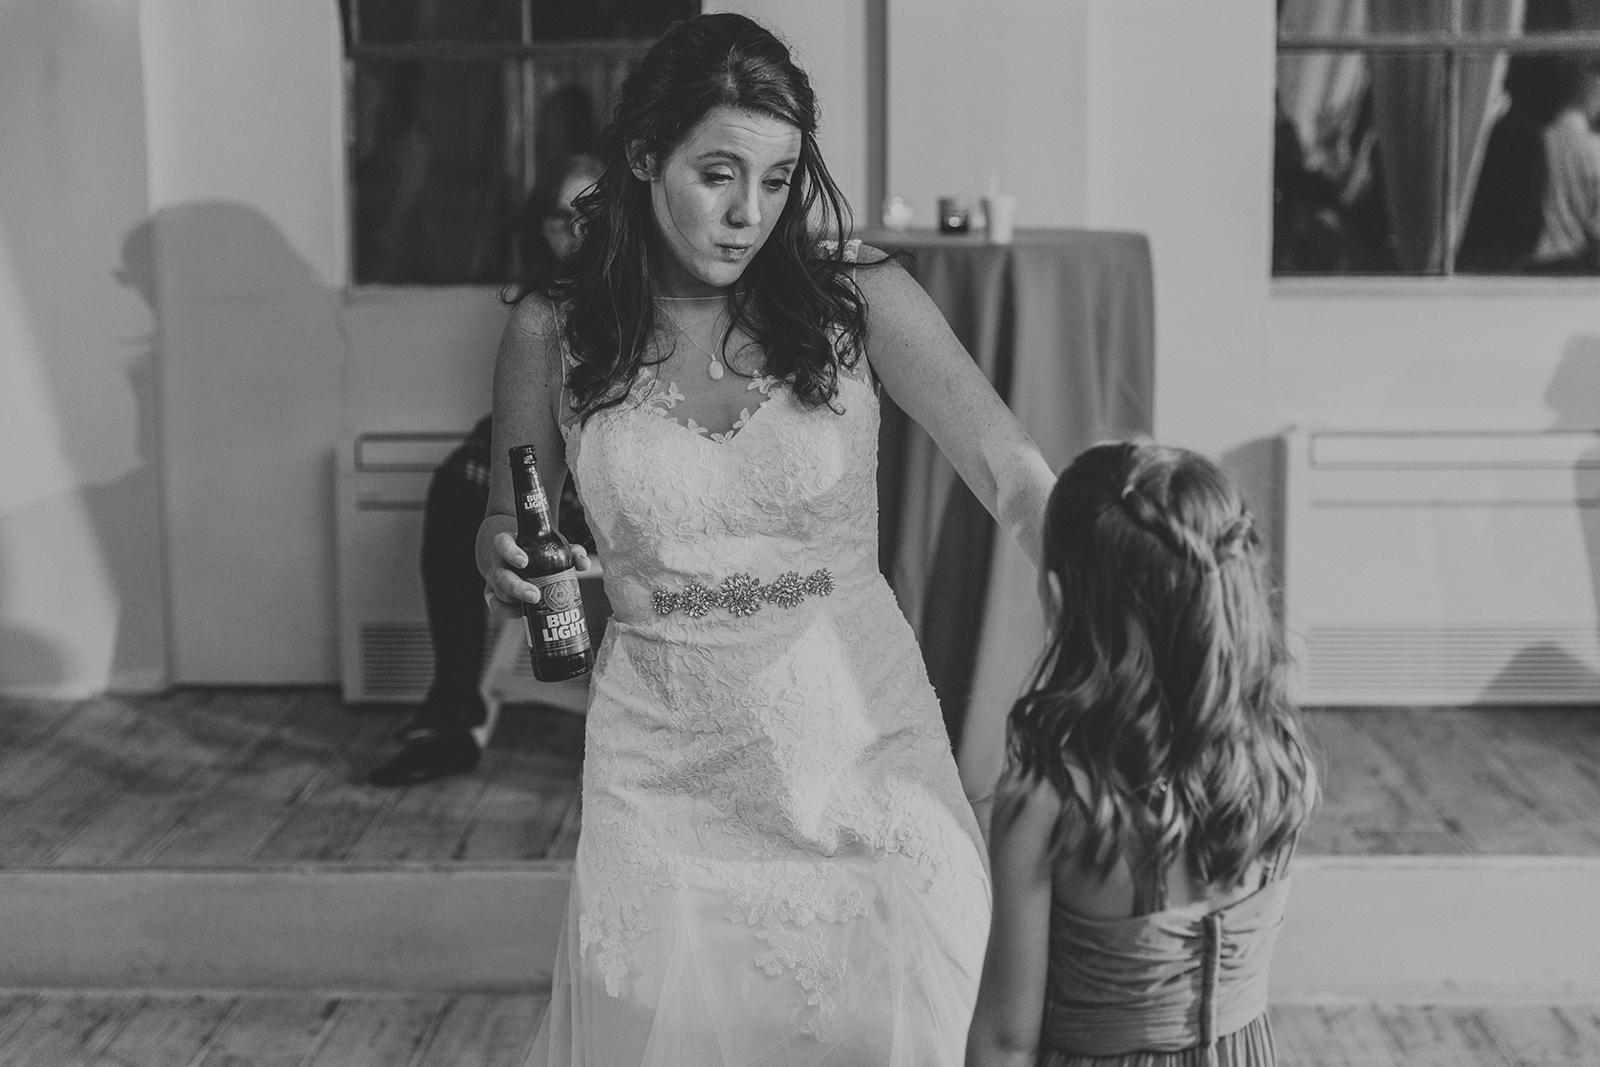 brielle-davis-events-48-fields-wedding-0471.jpg